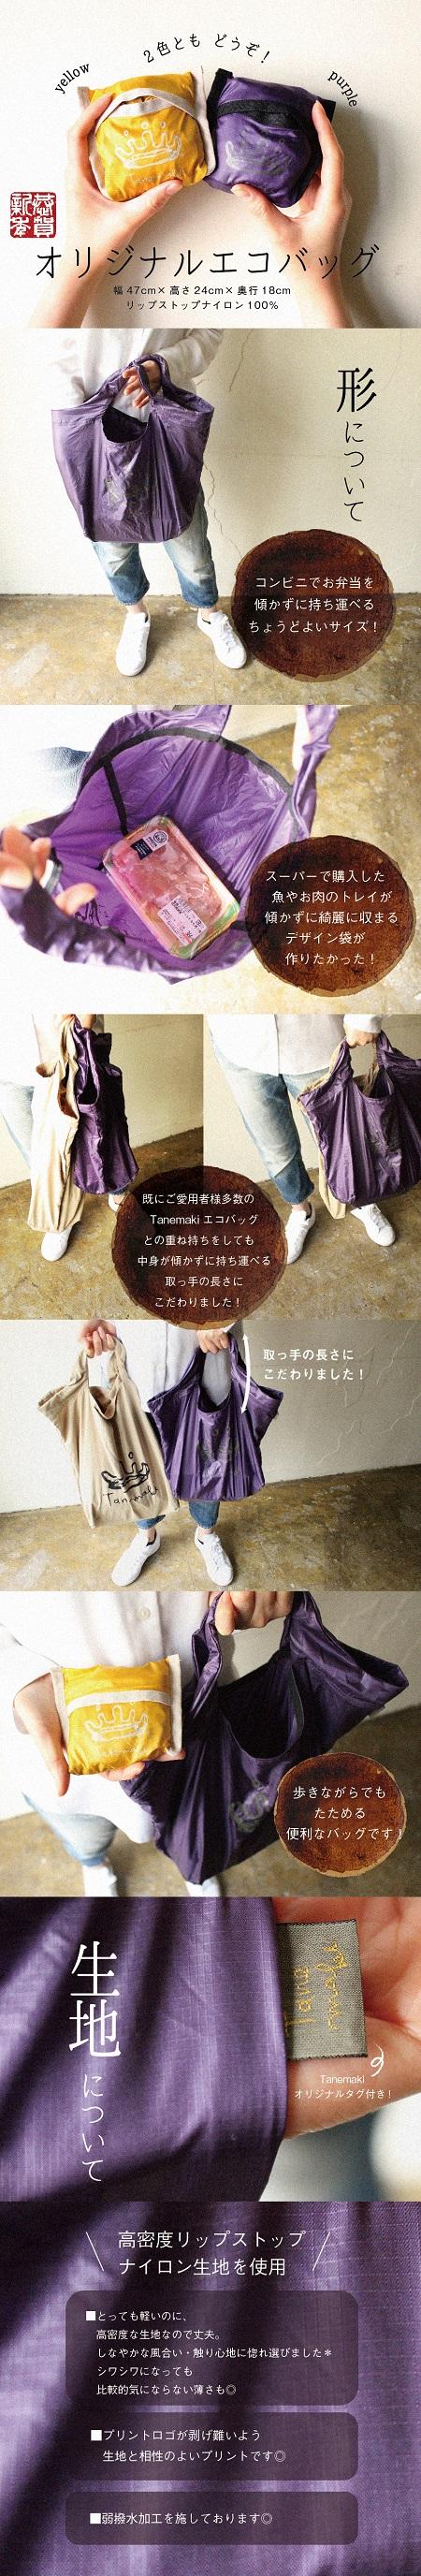 2021縺雁ケエ雉€莨∫判_03.jpg